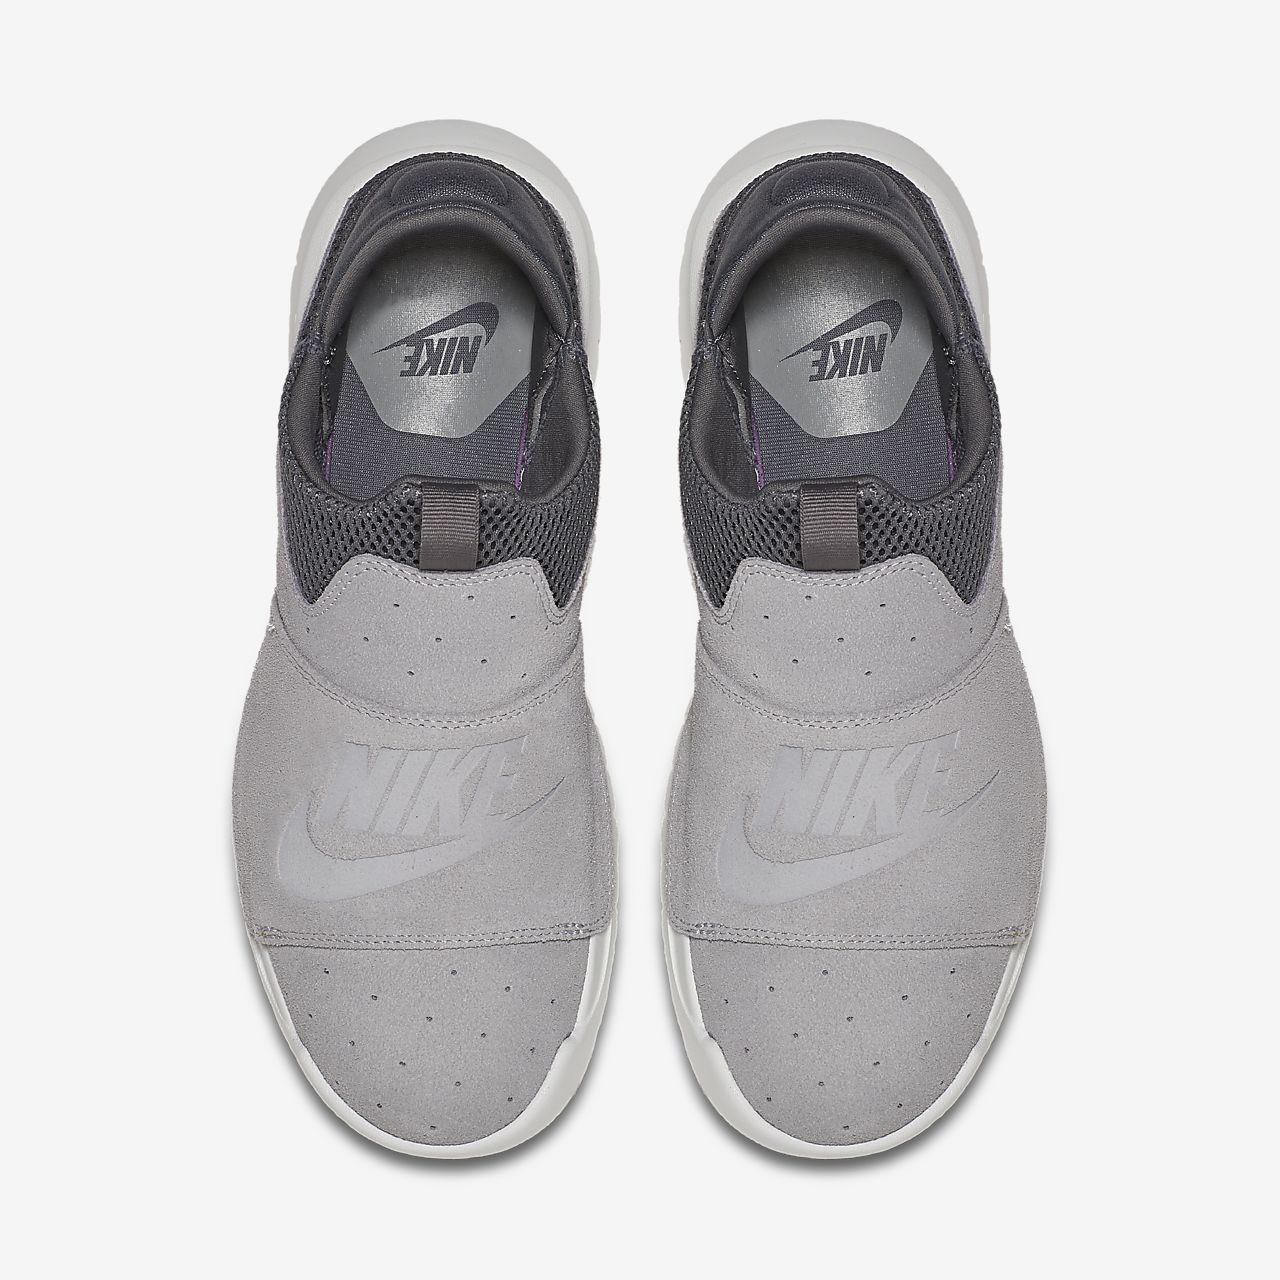 28bd5f1623c4 Low Resolution Nike Benassi Slip Shoe Nike Benassi Slip Shoe